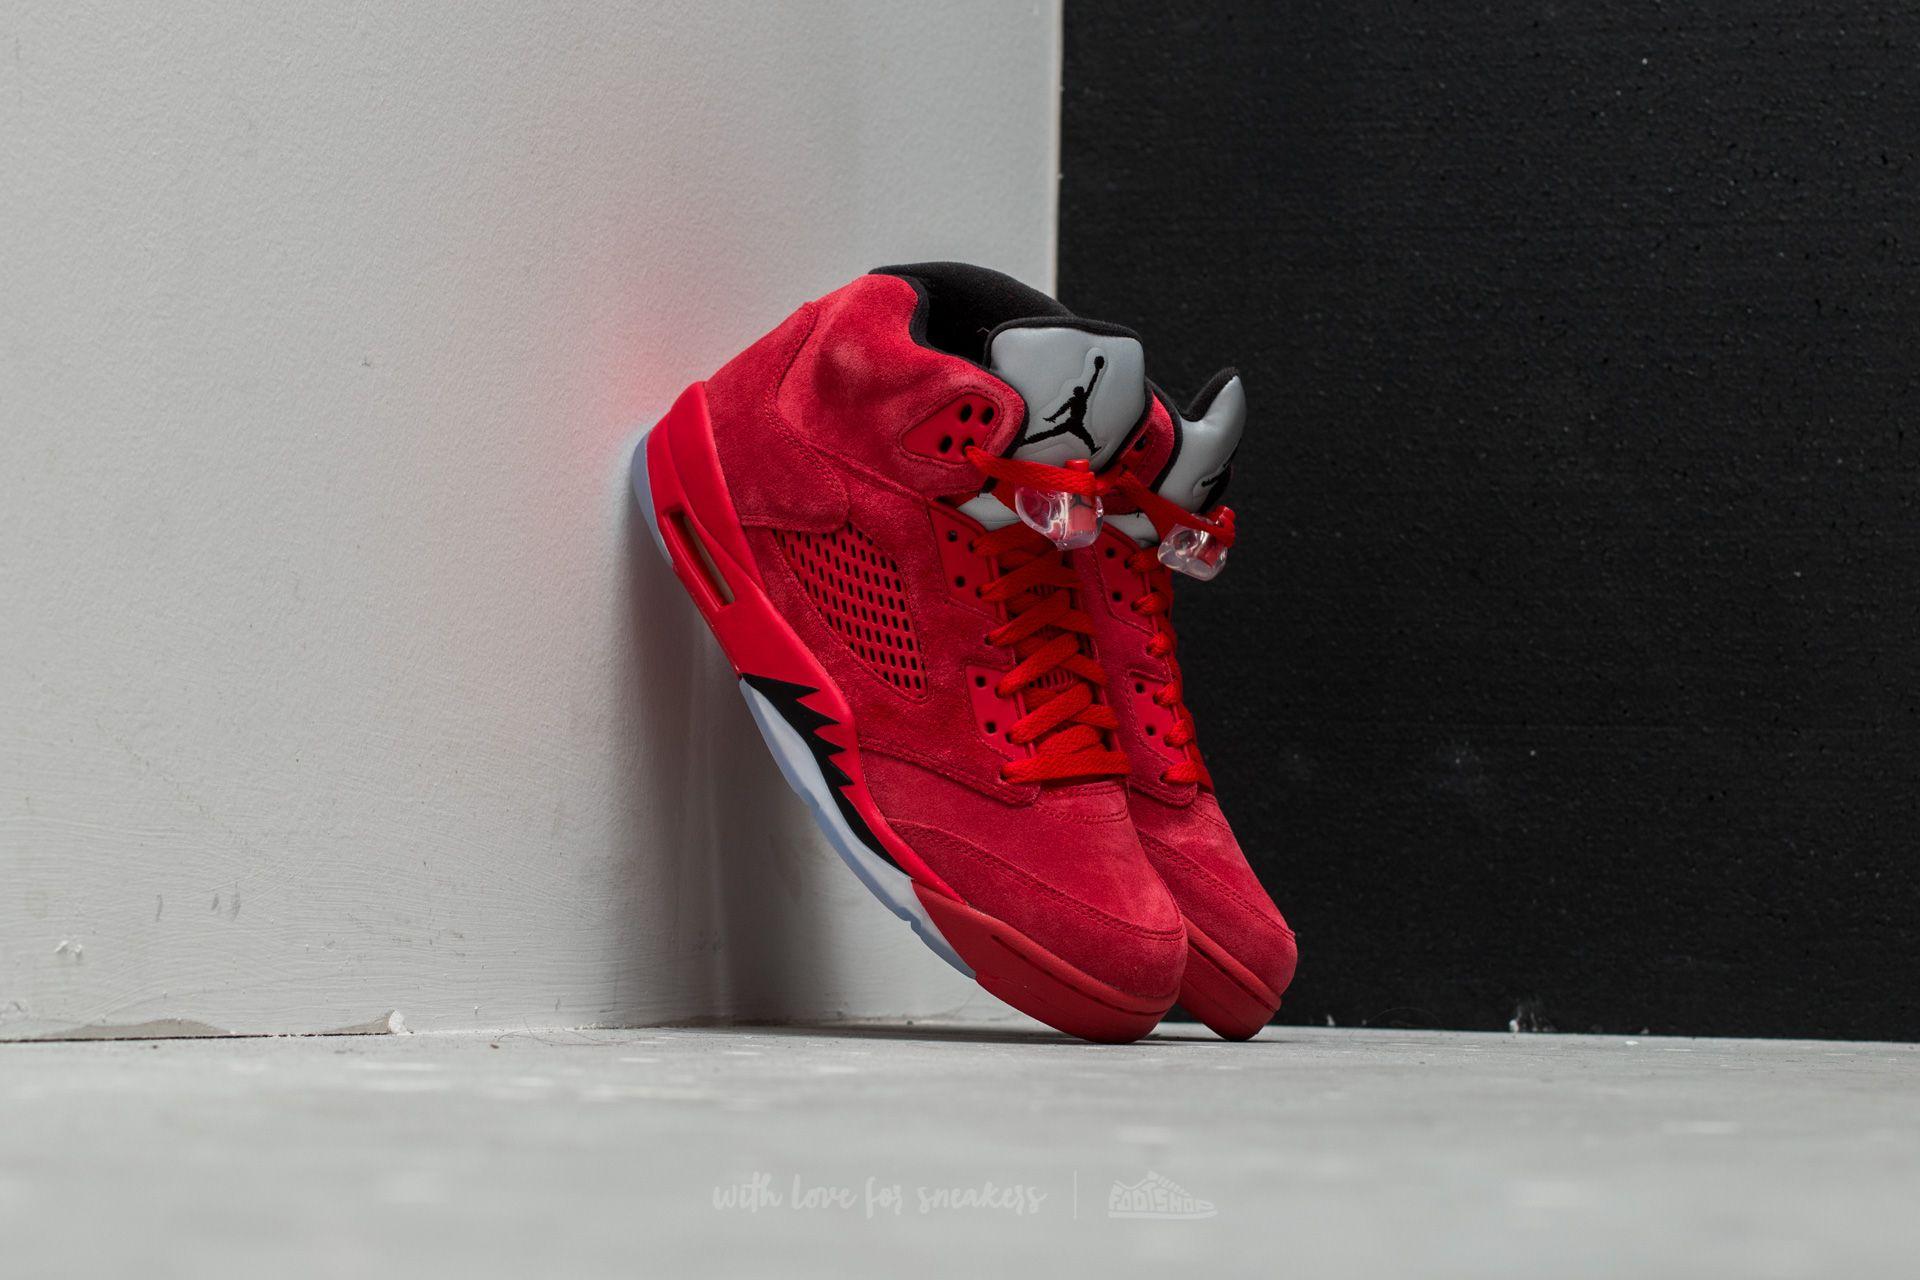 fba3918e2ebc5e Air Jordan 5 Retro University Red  Black